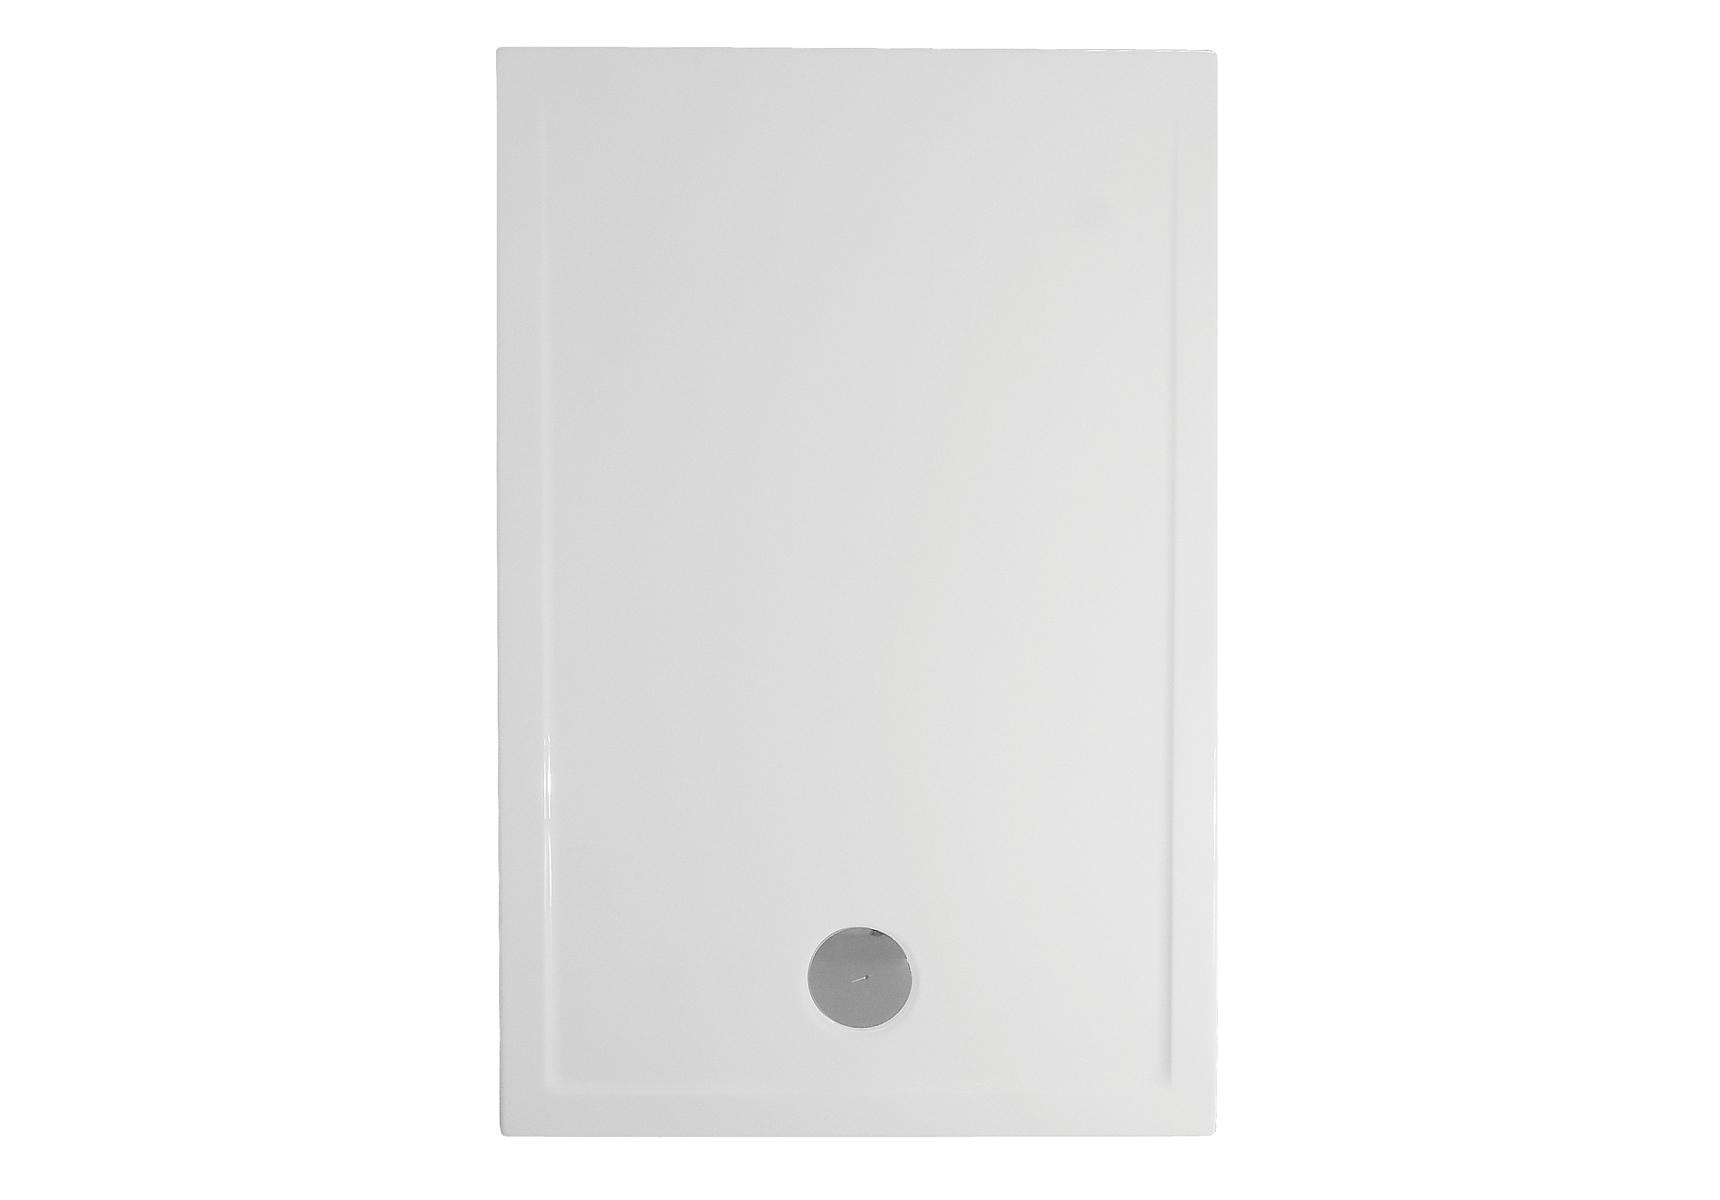 Fit receveur ultra plat en acrylique, 3,2 mm, à poser, rectangulaire, 120  x  80 cm, VitrA Antislip